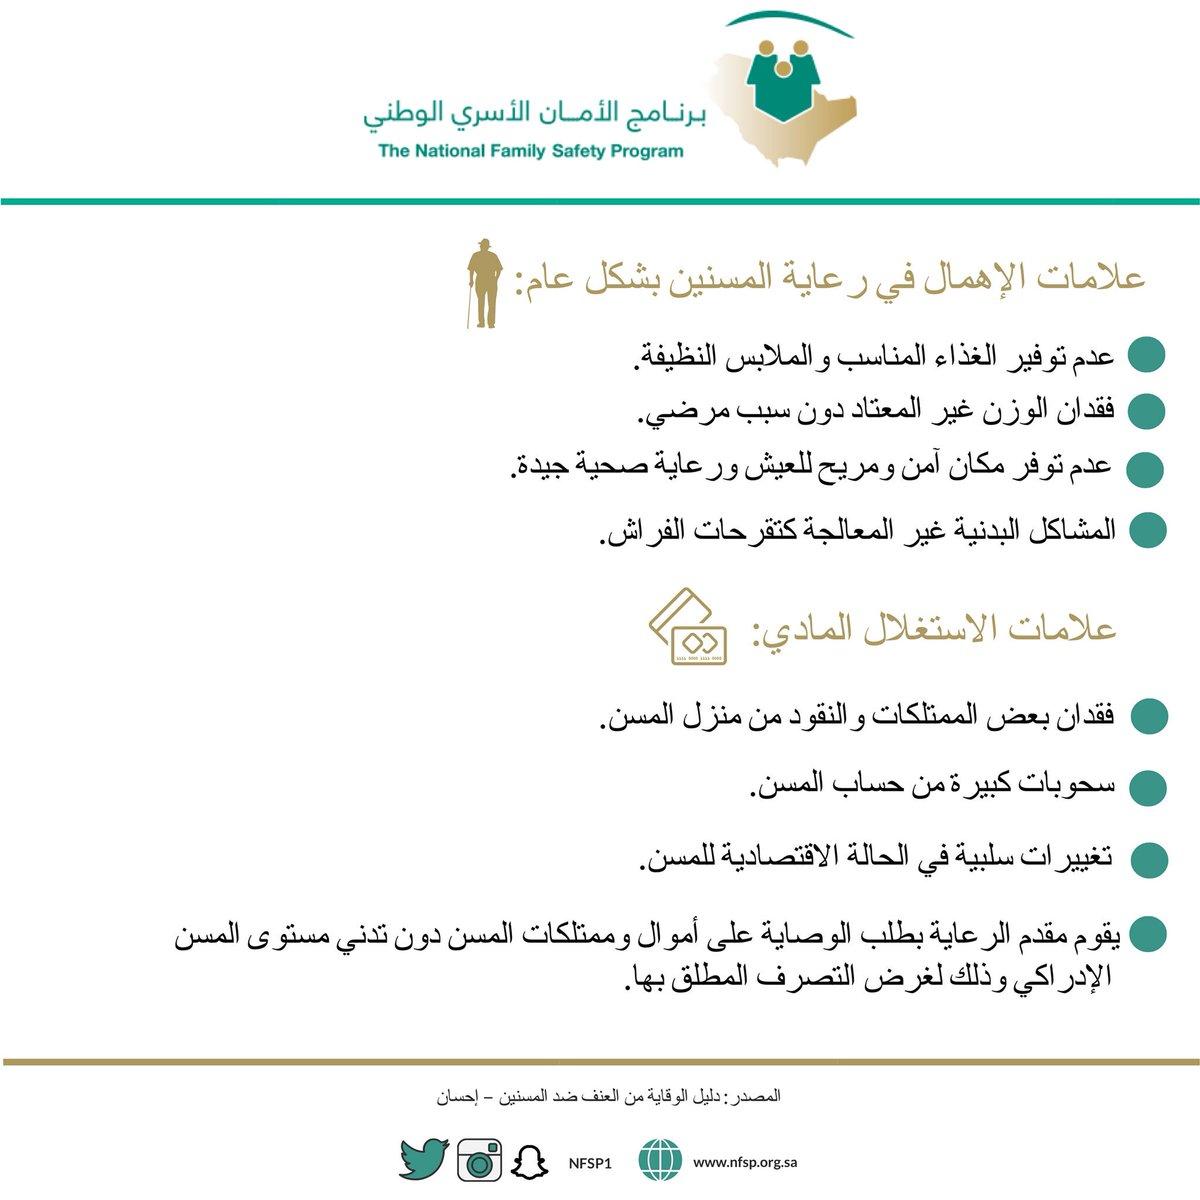 برنامج الأمان الأسري الوطني 8